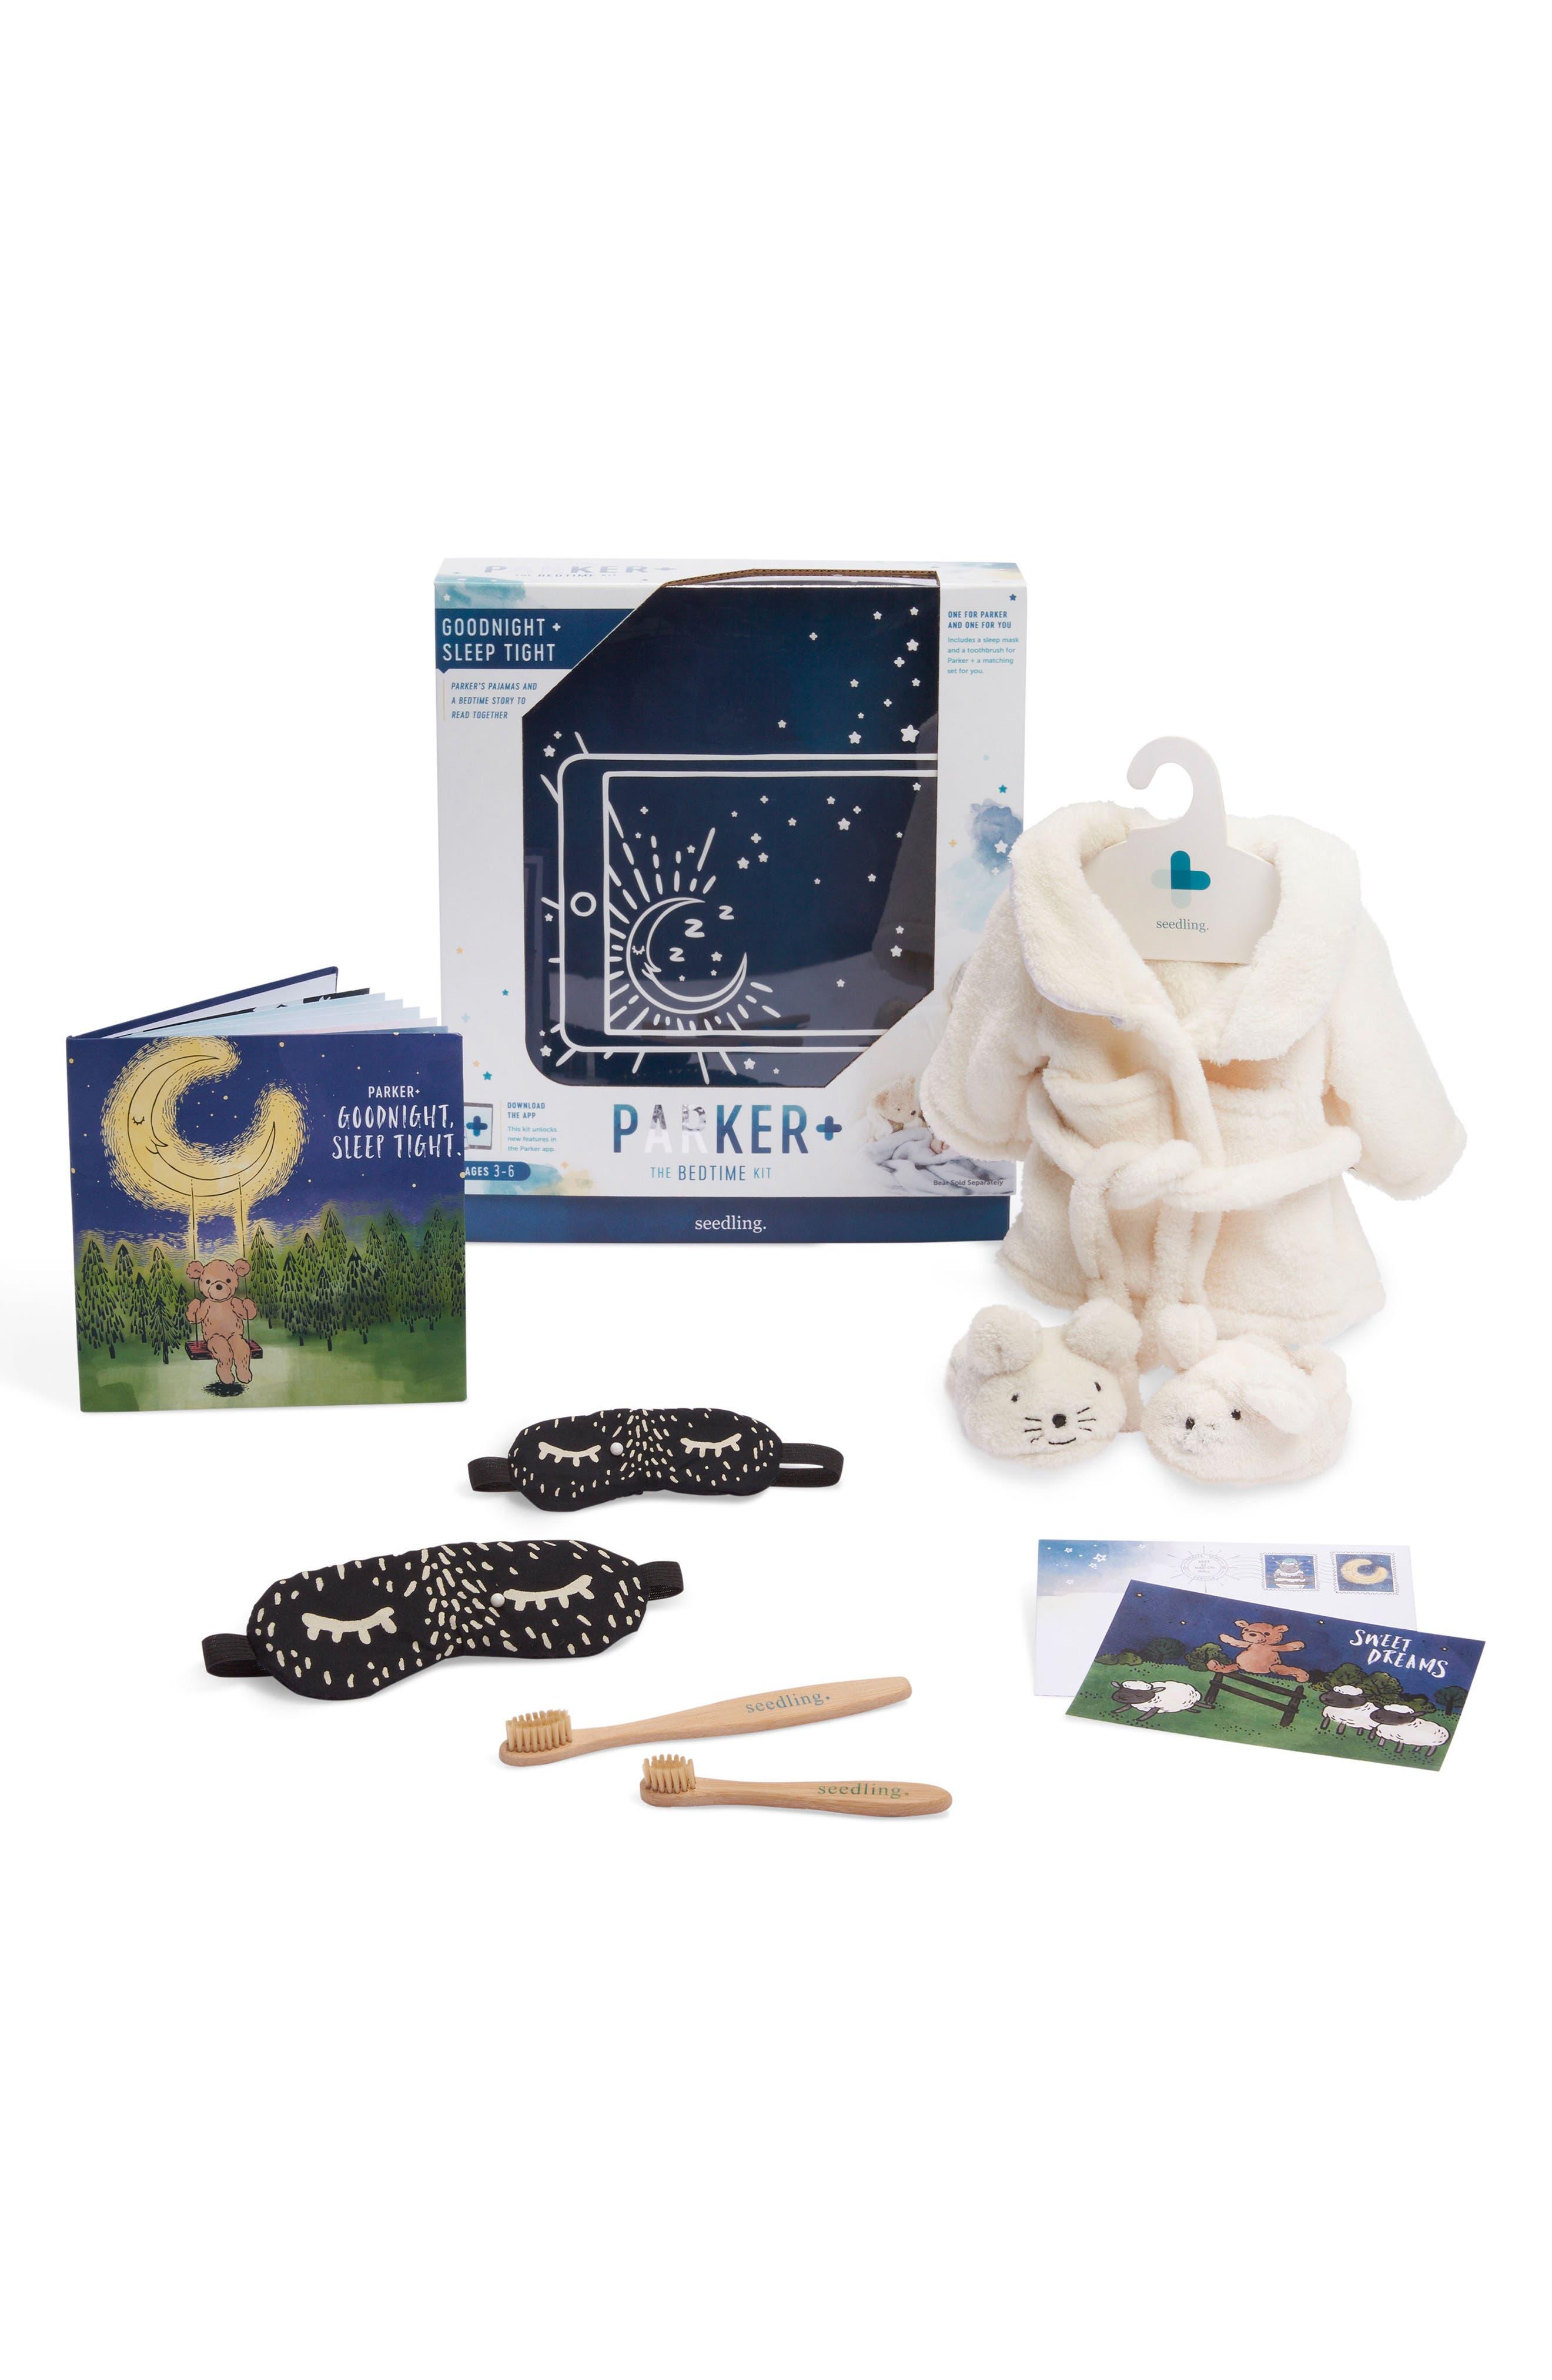 seedling Parker: The Bedtime Kit